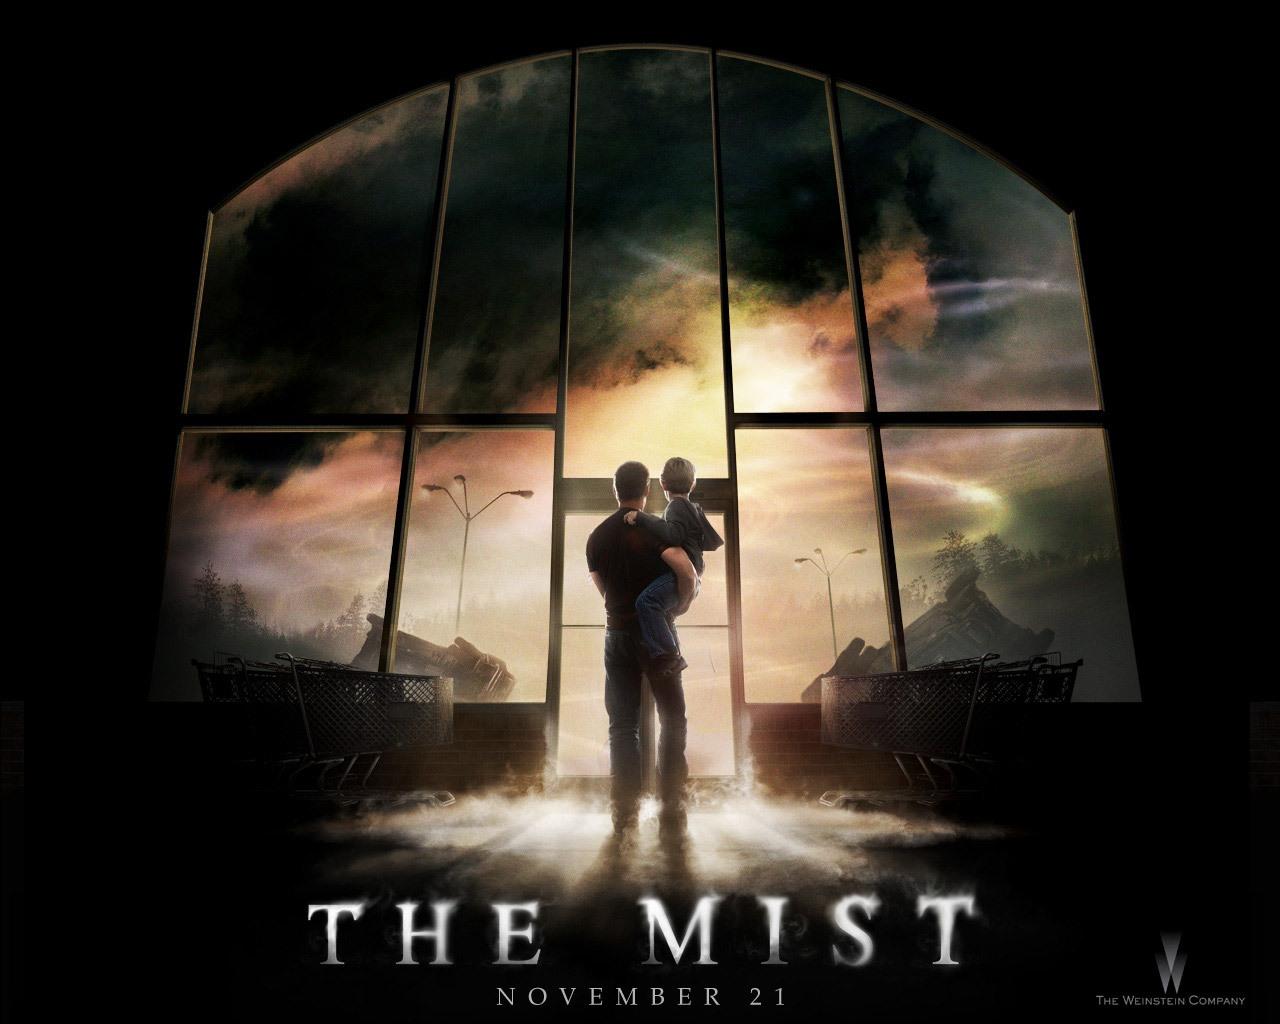 The-Mist-the-mist-25395989-1280-1024.jpg